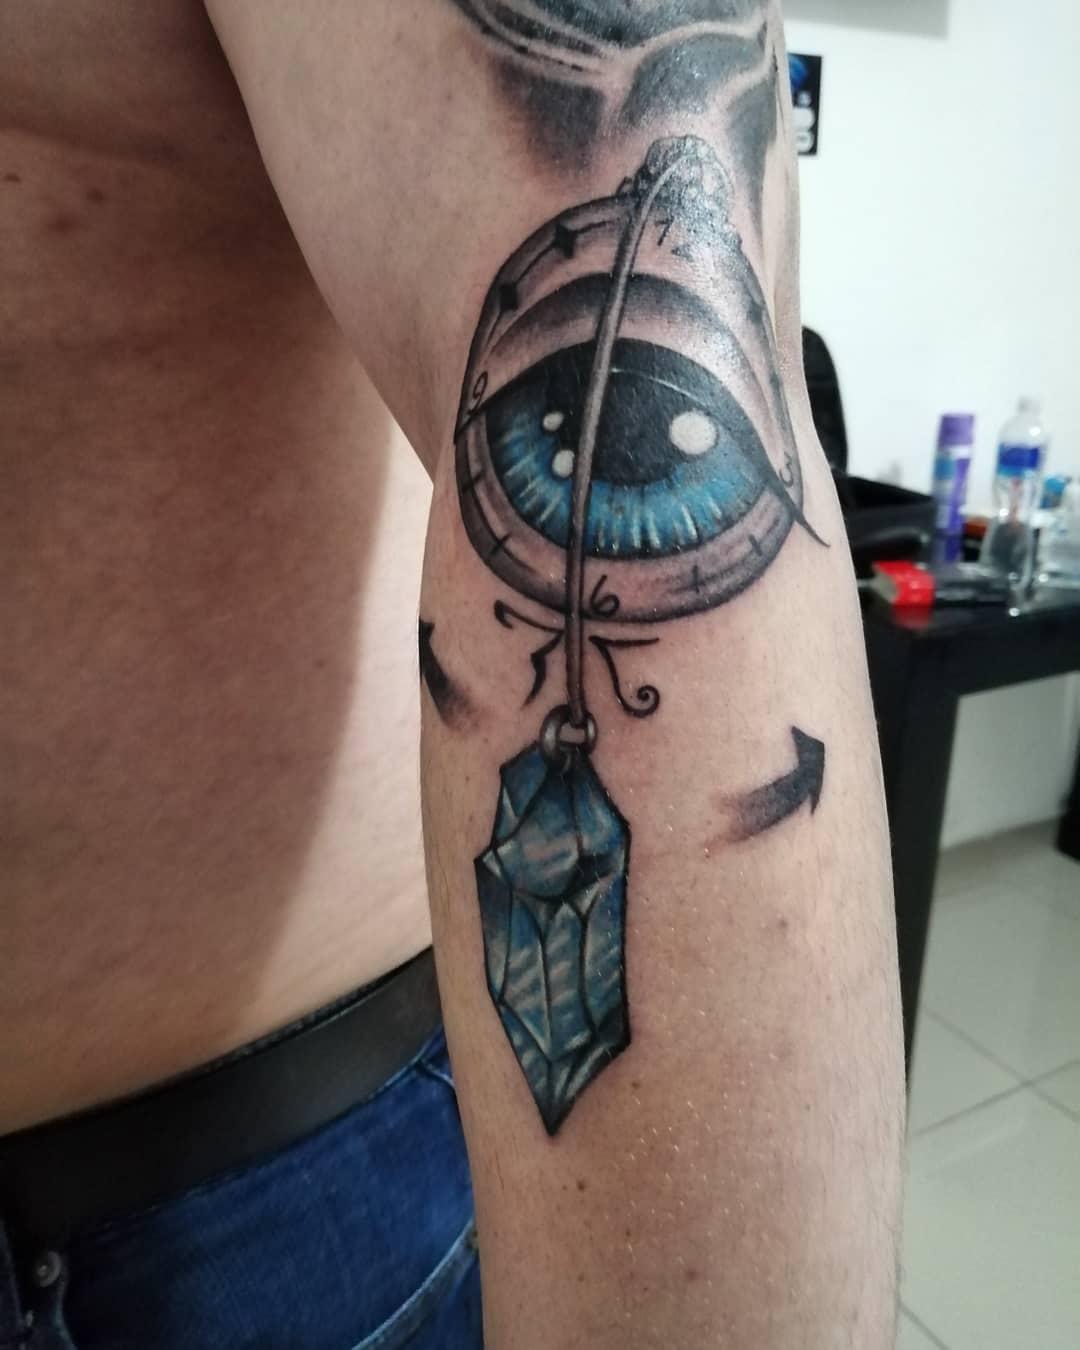 juliana-fuenzalida-tattoo-artist-eye-arm